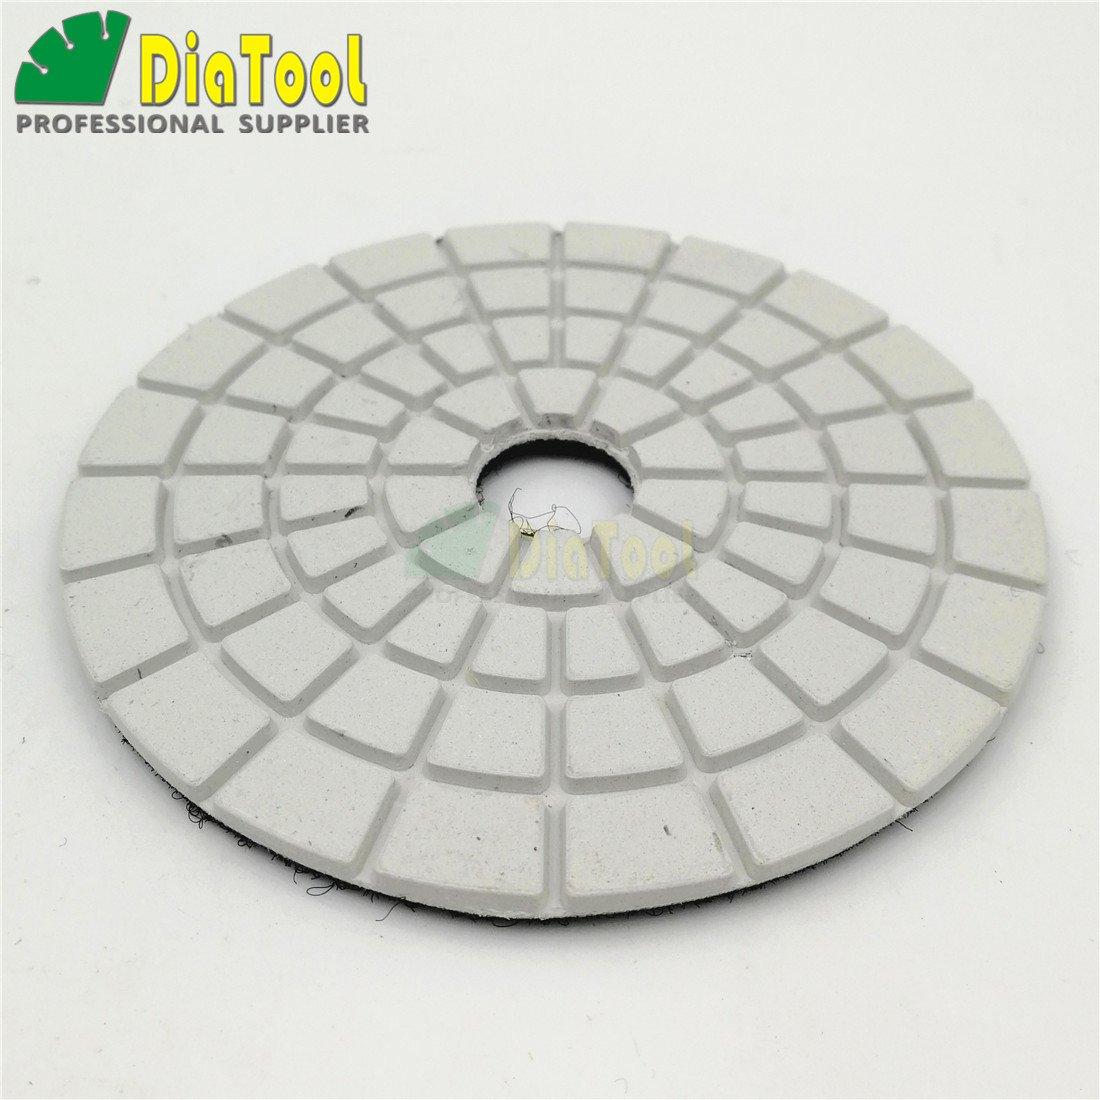 SHDIATOOL 7pcs//Set 4 Diamond Wet Flexible polishing Pads White Bond for Marble /& Granite 3X#50 2X#100 2X#200 8 Grits Available